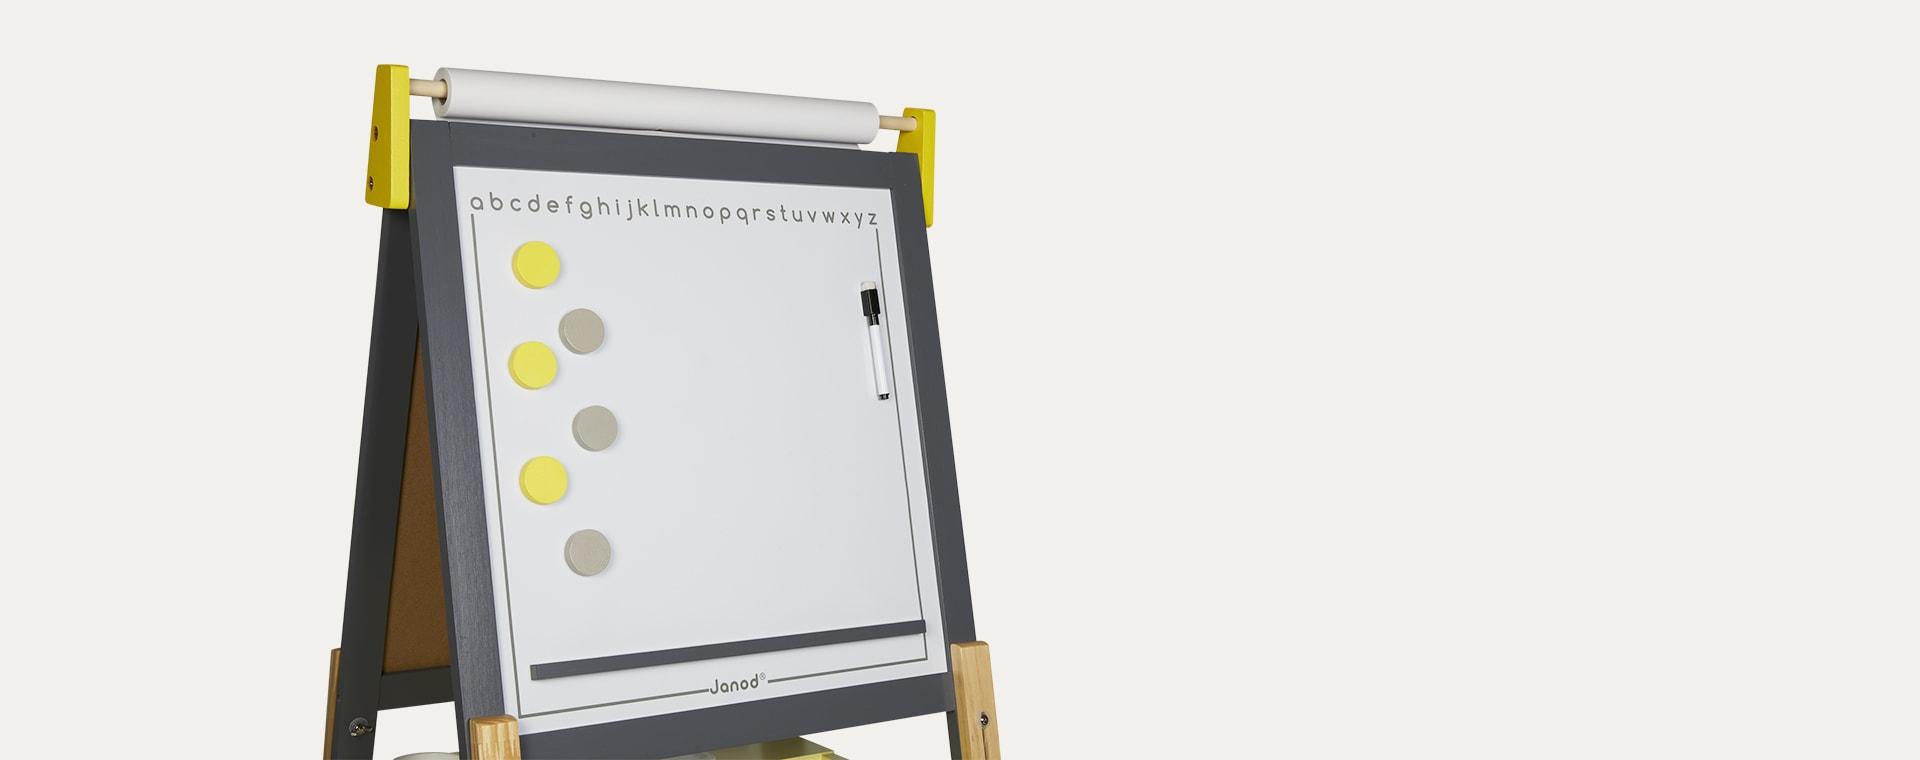 Grey/Yellow Janod Adjustable Easel